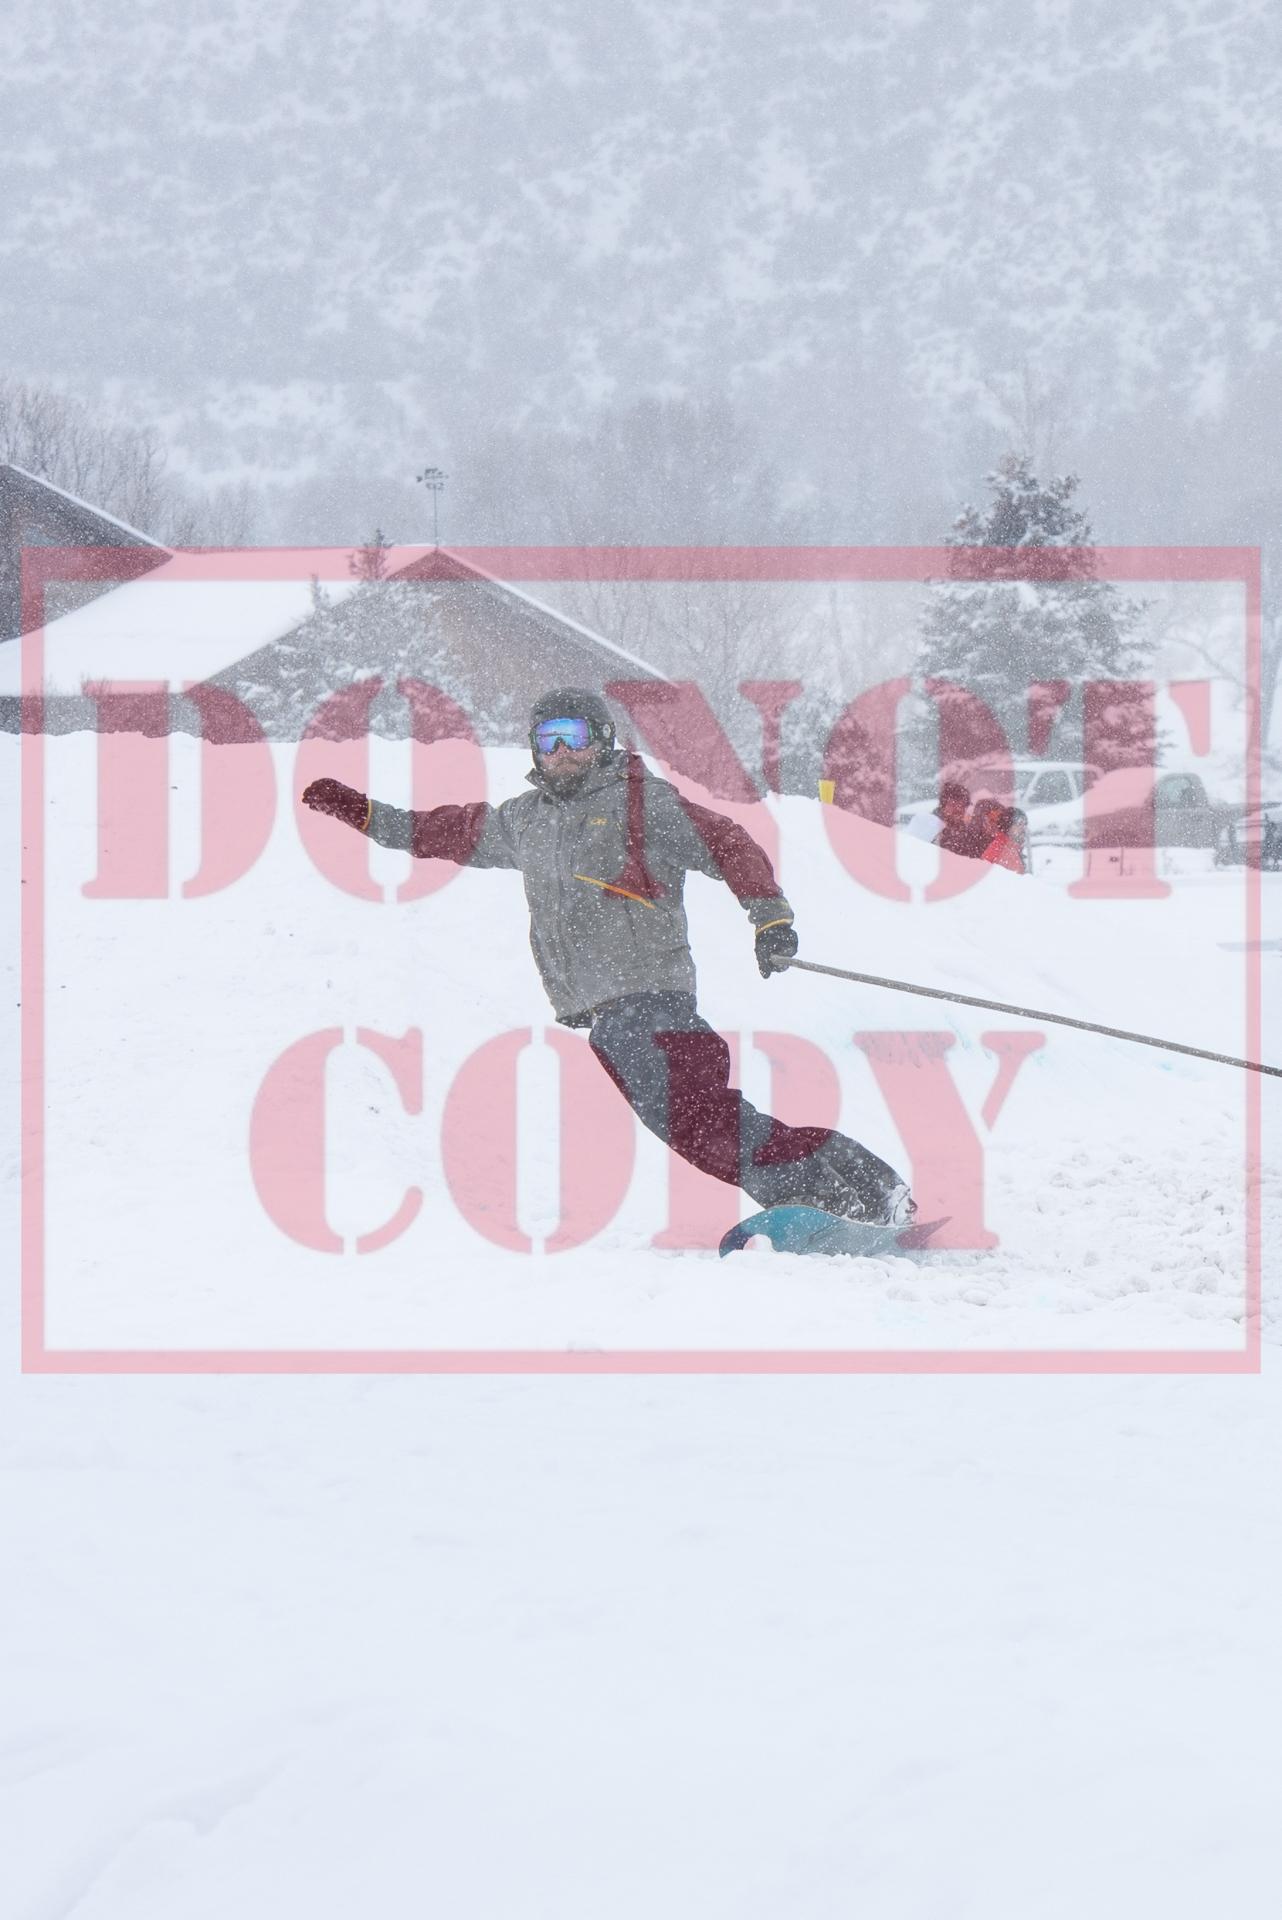 - Rich Weber Jr - Snowboard 5